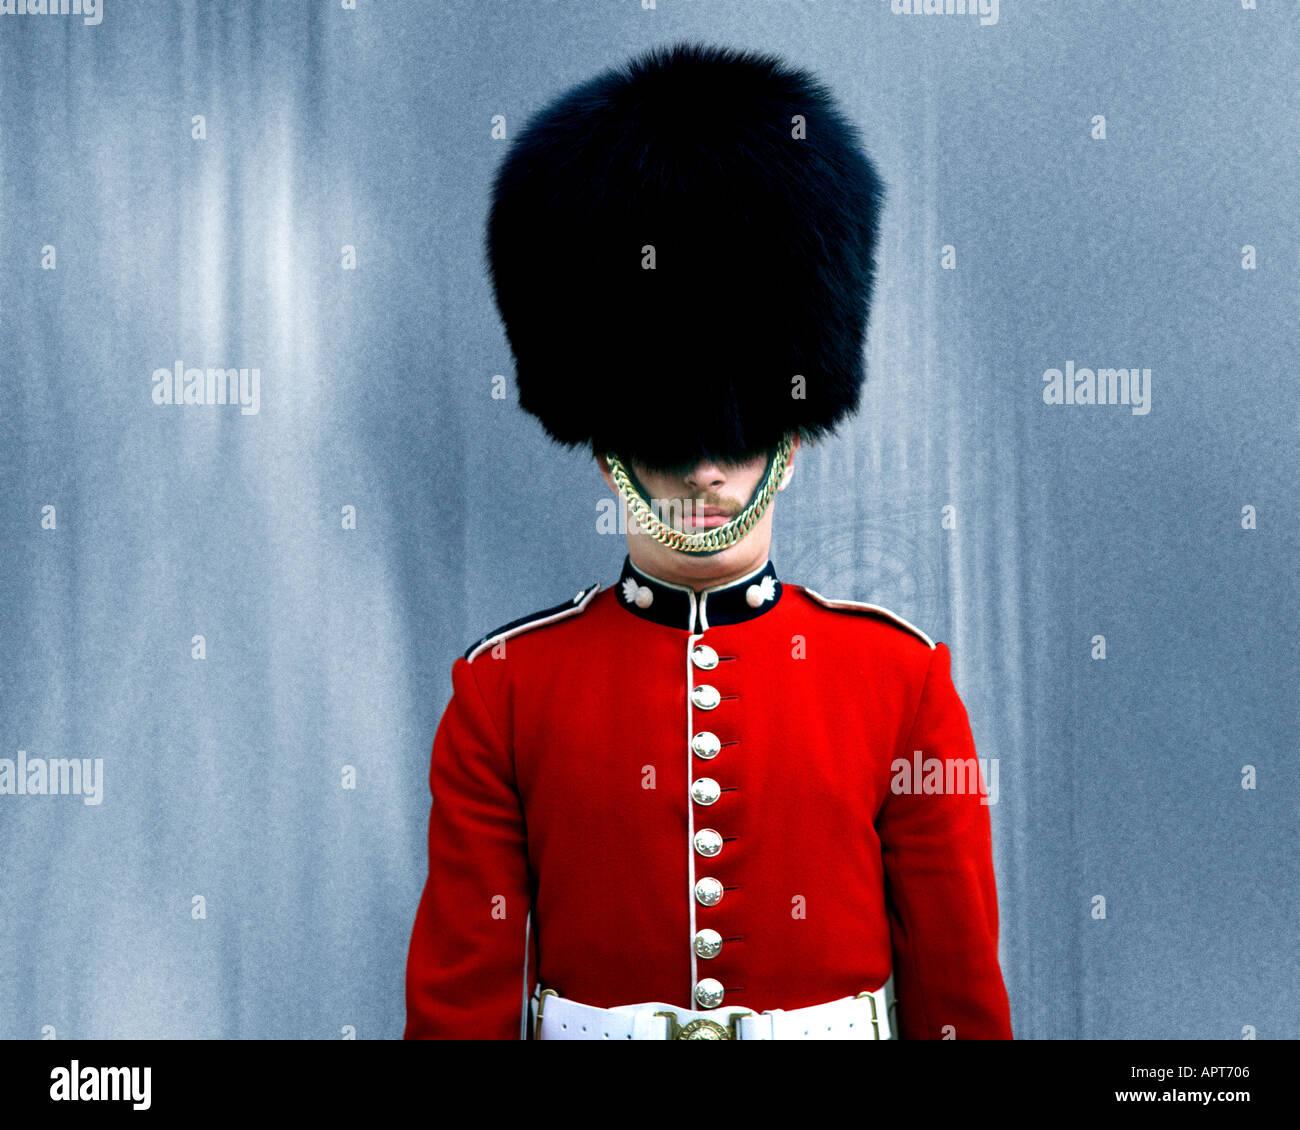 GB - LONDON: Royal Grenadier Guard at Whitehall - Stock Image